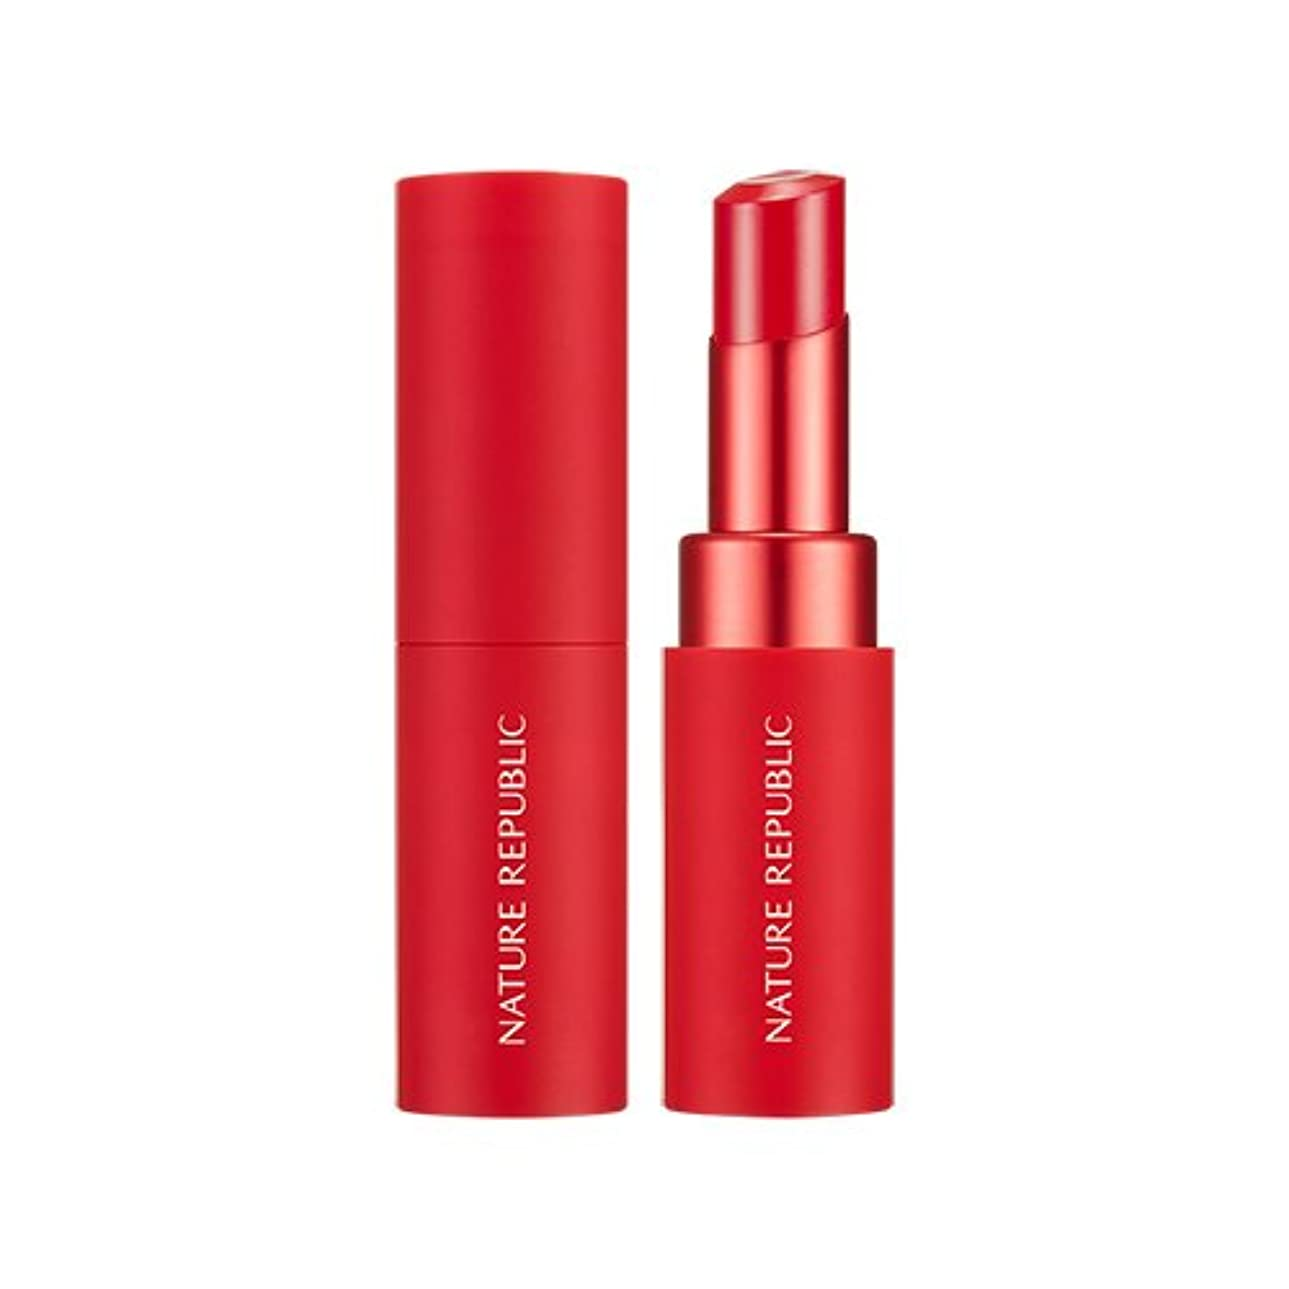 利得ページェント申請中NATURE REPUBLIC Real Matte Lipstick (05 Sparkling Pink) / ネイチャーリパブリック リアルマットリップスティック [並行輸入品]